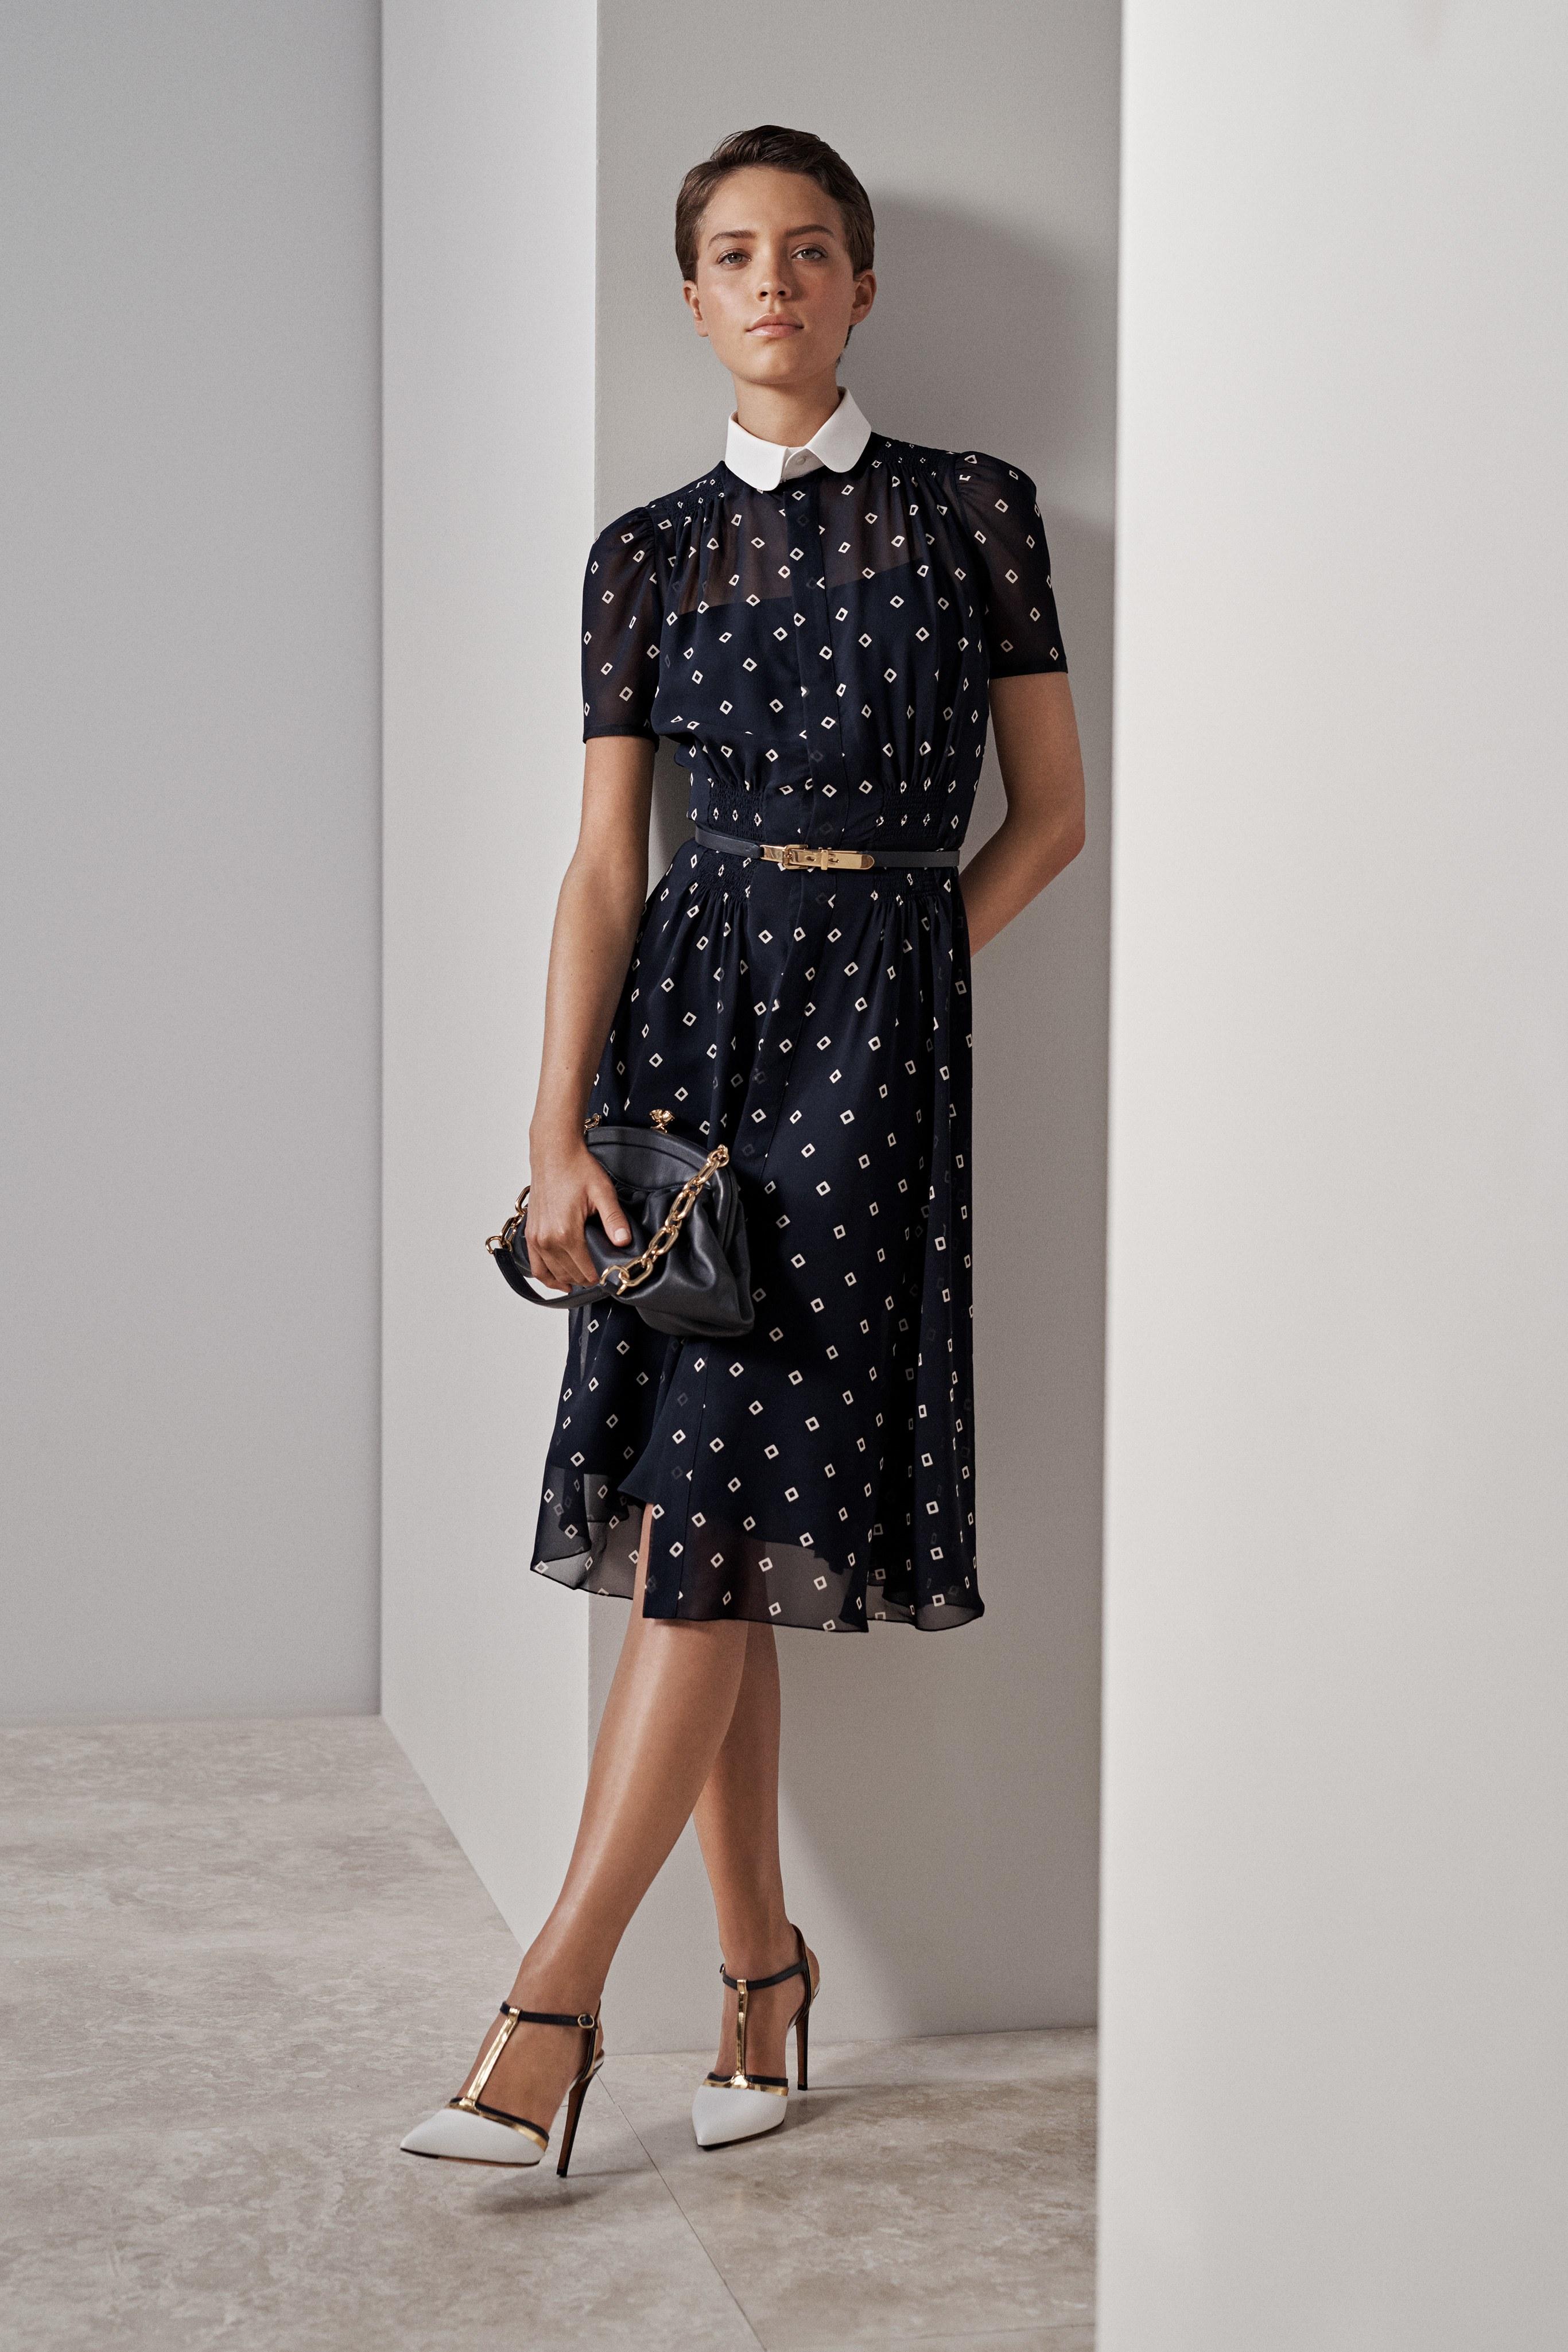 00004-Ralph-Lauren-Vogue-Resort-2019-pr